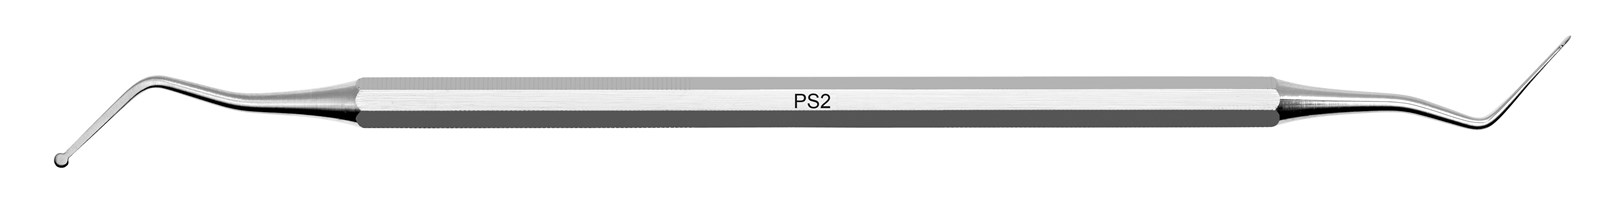 Mikrochirurgický nůž - PS2, ADEP tmavě zelený